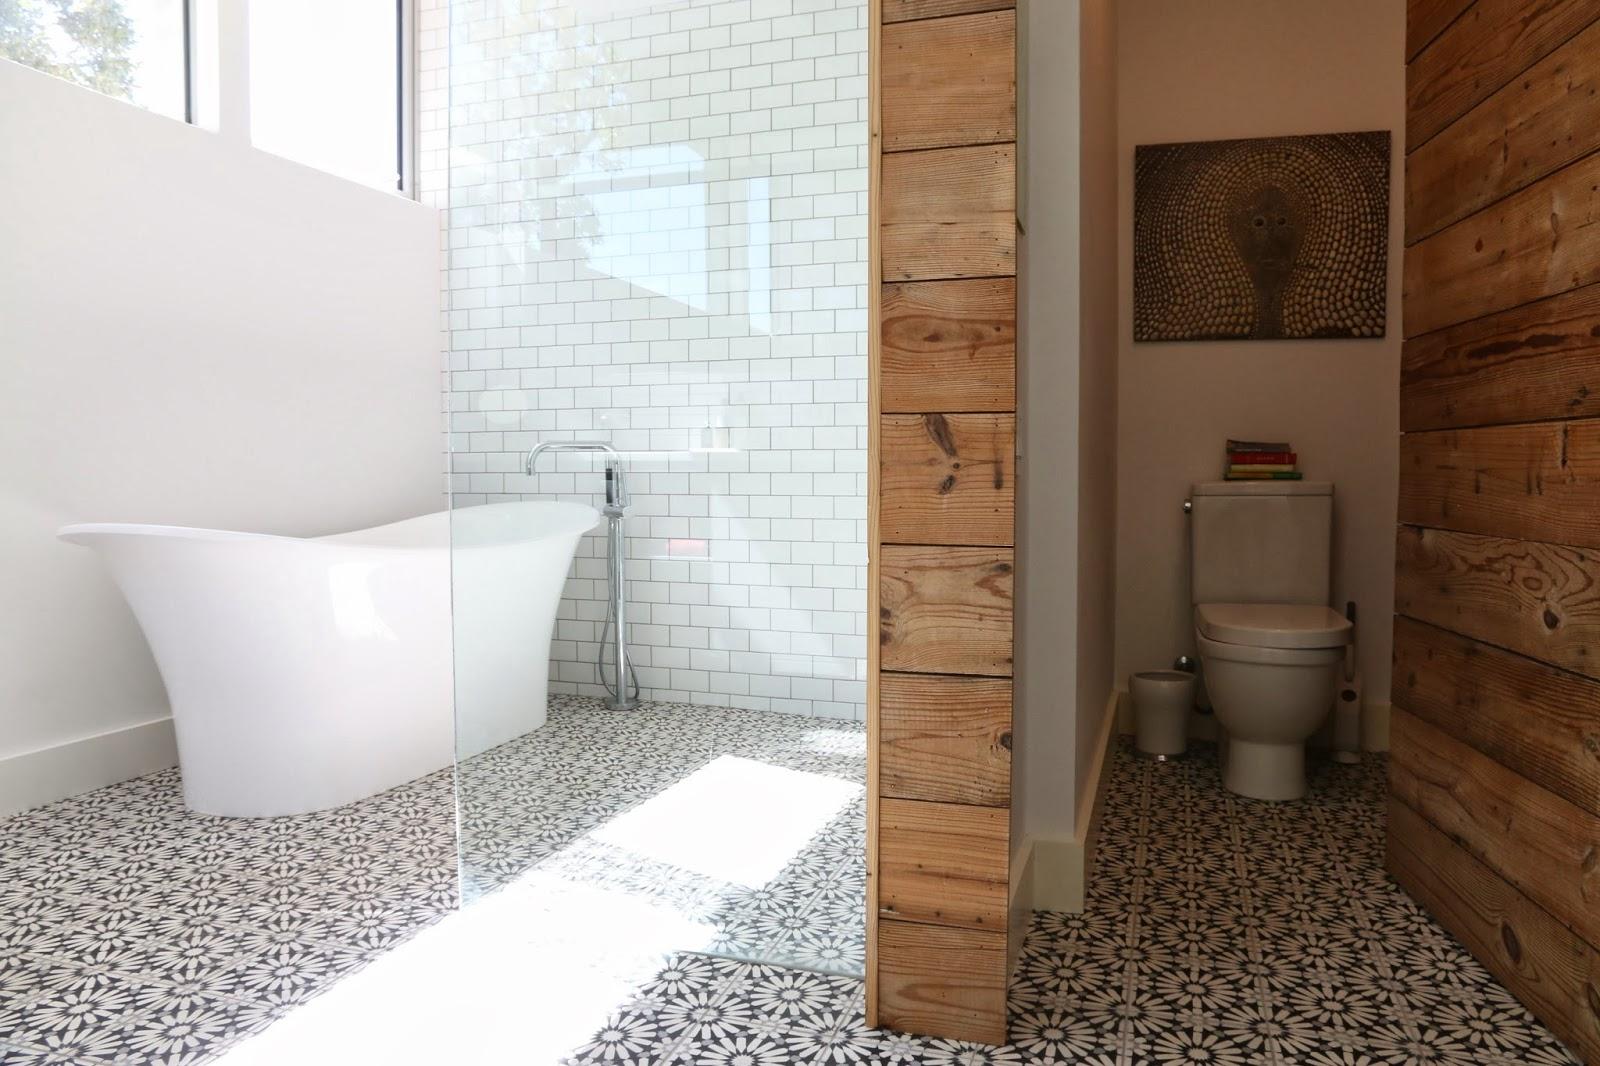 Using Soss Hinges For A Concealed Door Fine Homebuilding - Bathroom door hinges